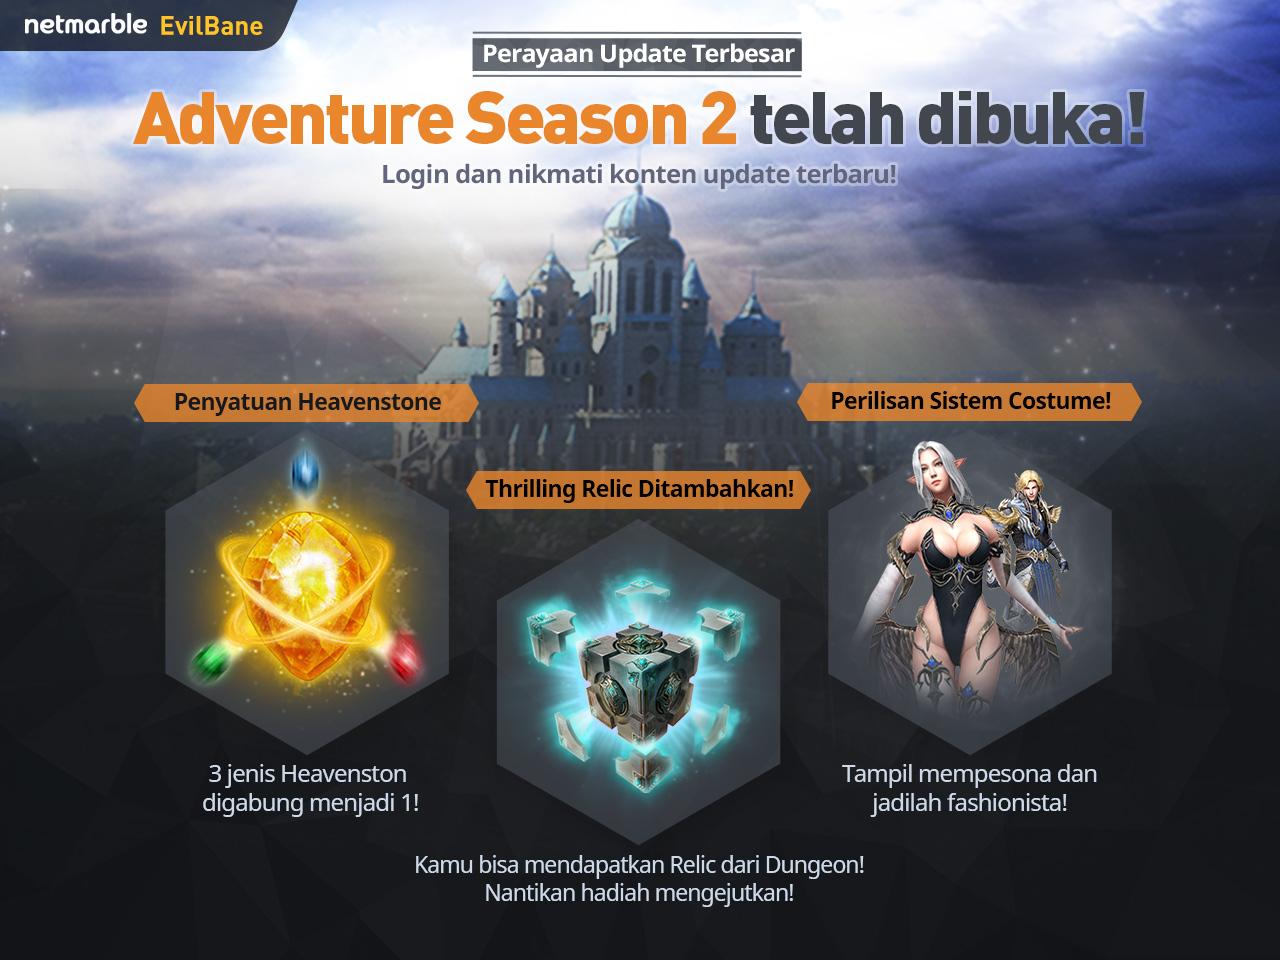 Evilbane seasone 2